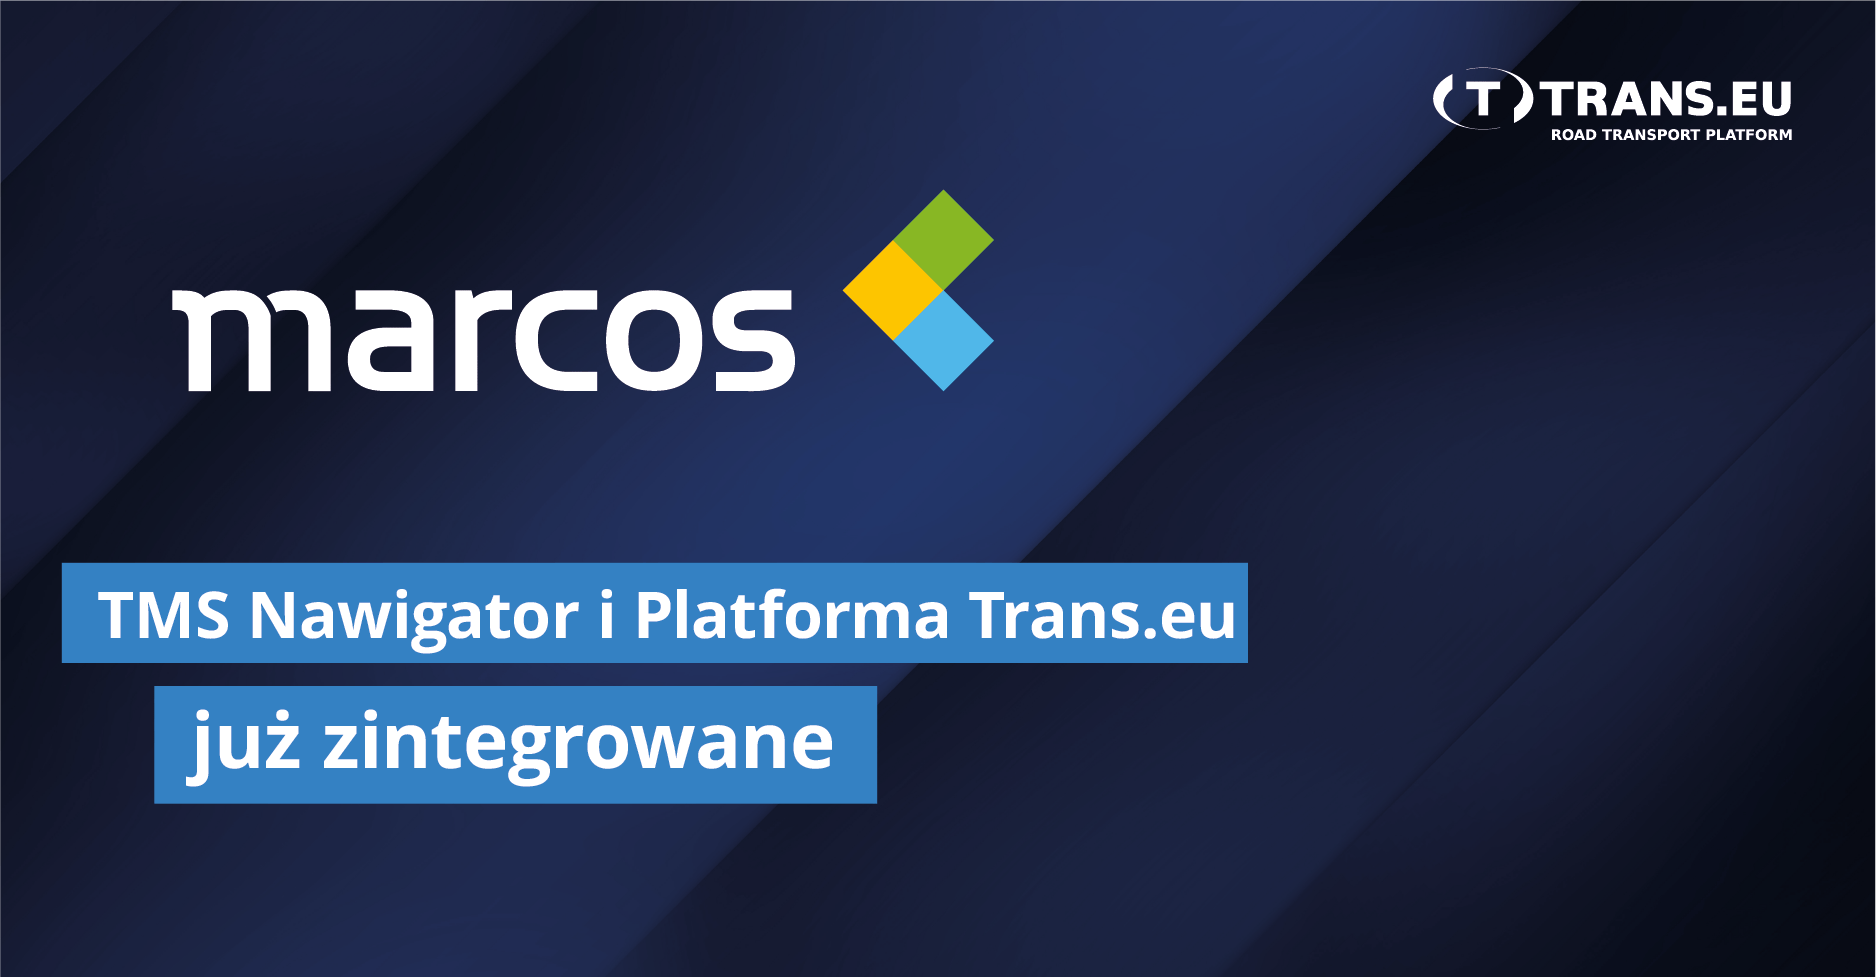 TMS Nawigator już zintegrowany z Platformą Trans.eu